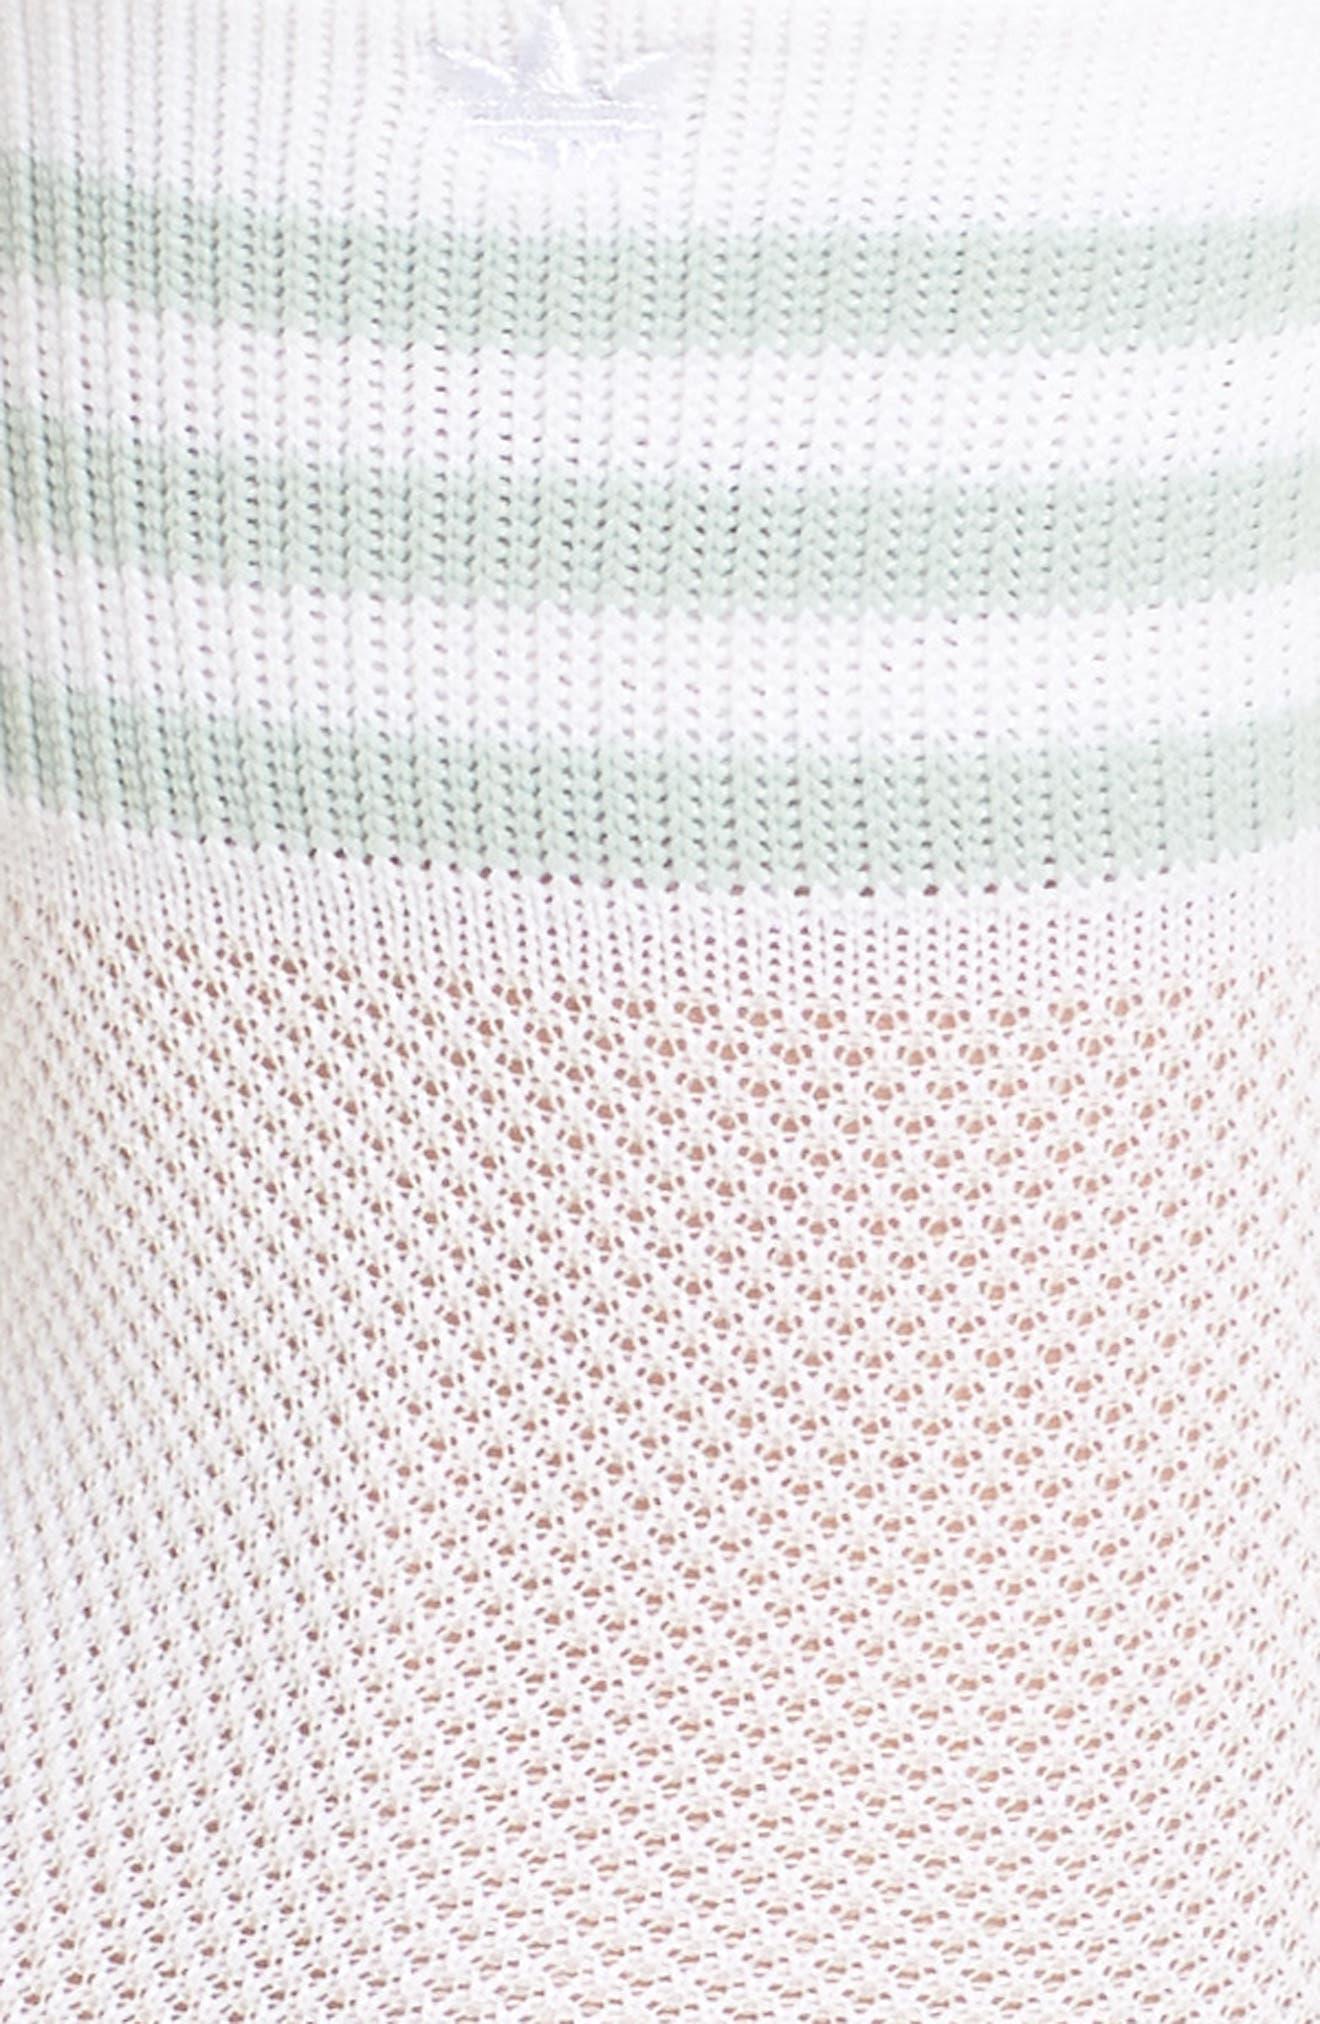 Stripe Mesh Ankle Socks,                             Alternate thumbnail 2, color,                             White/ Ash Green